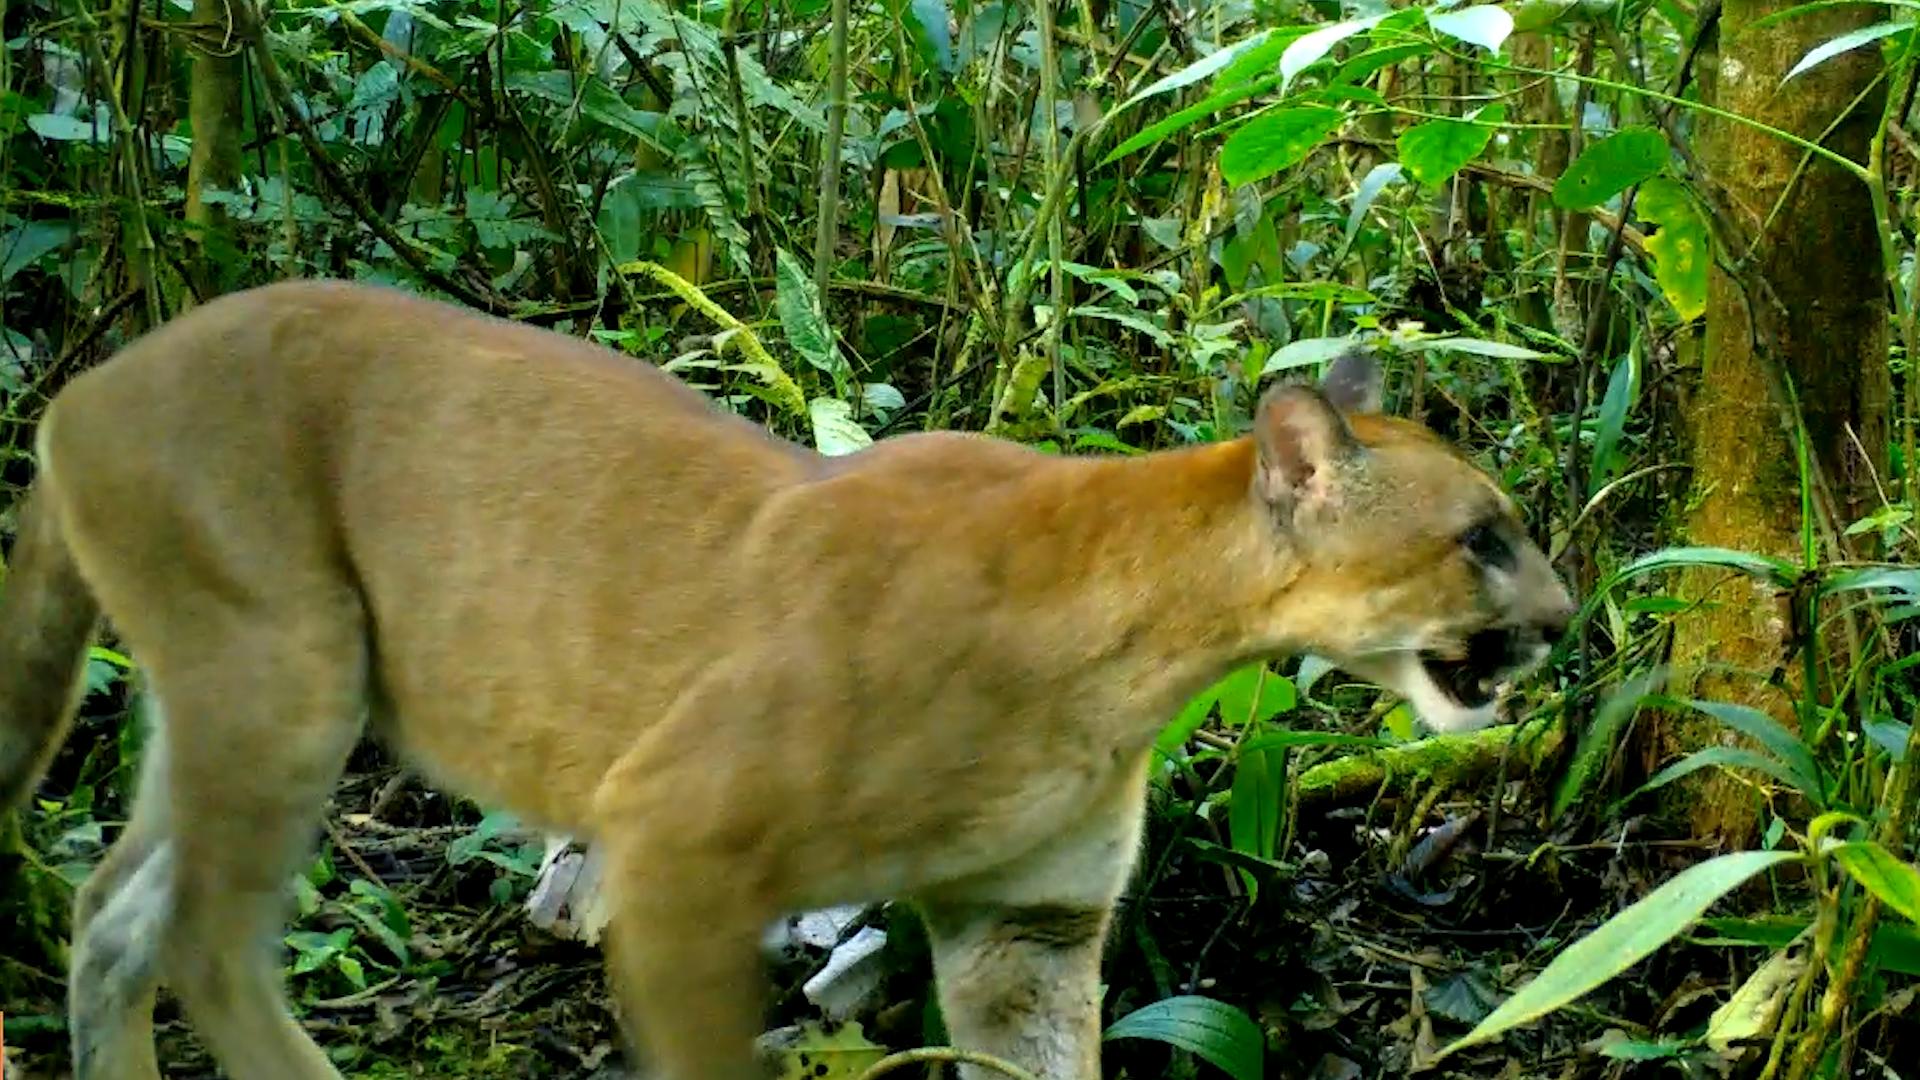 Puma en el municipio de Piamonte, Cauca. Foto: Corporación Autónoma Regional del Cauca (CRC).